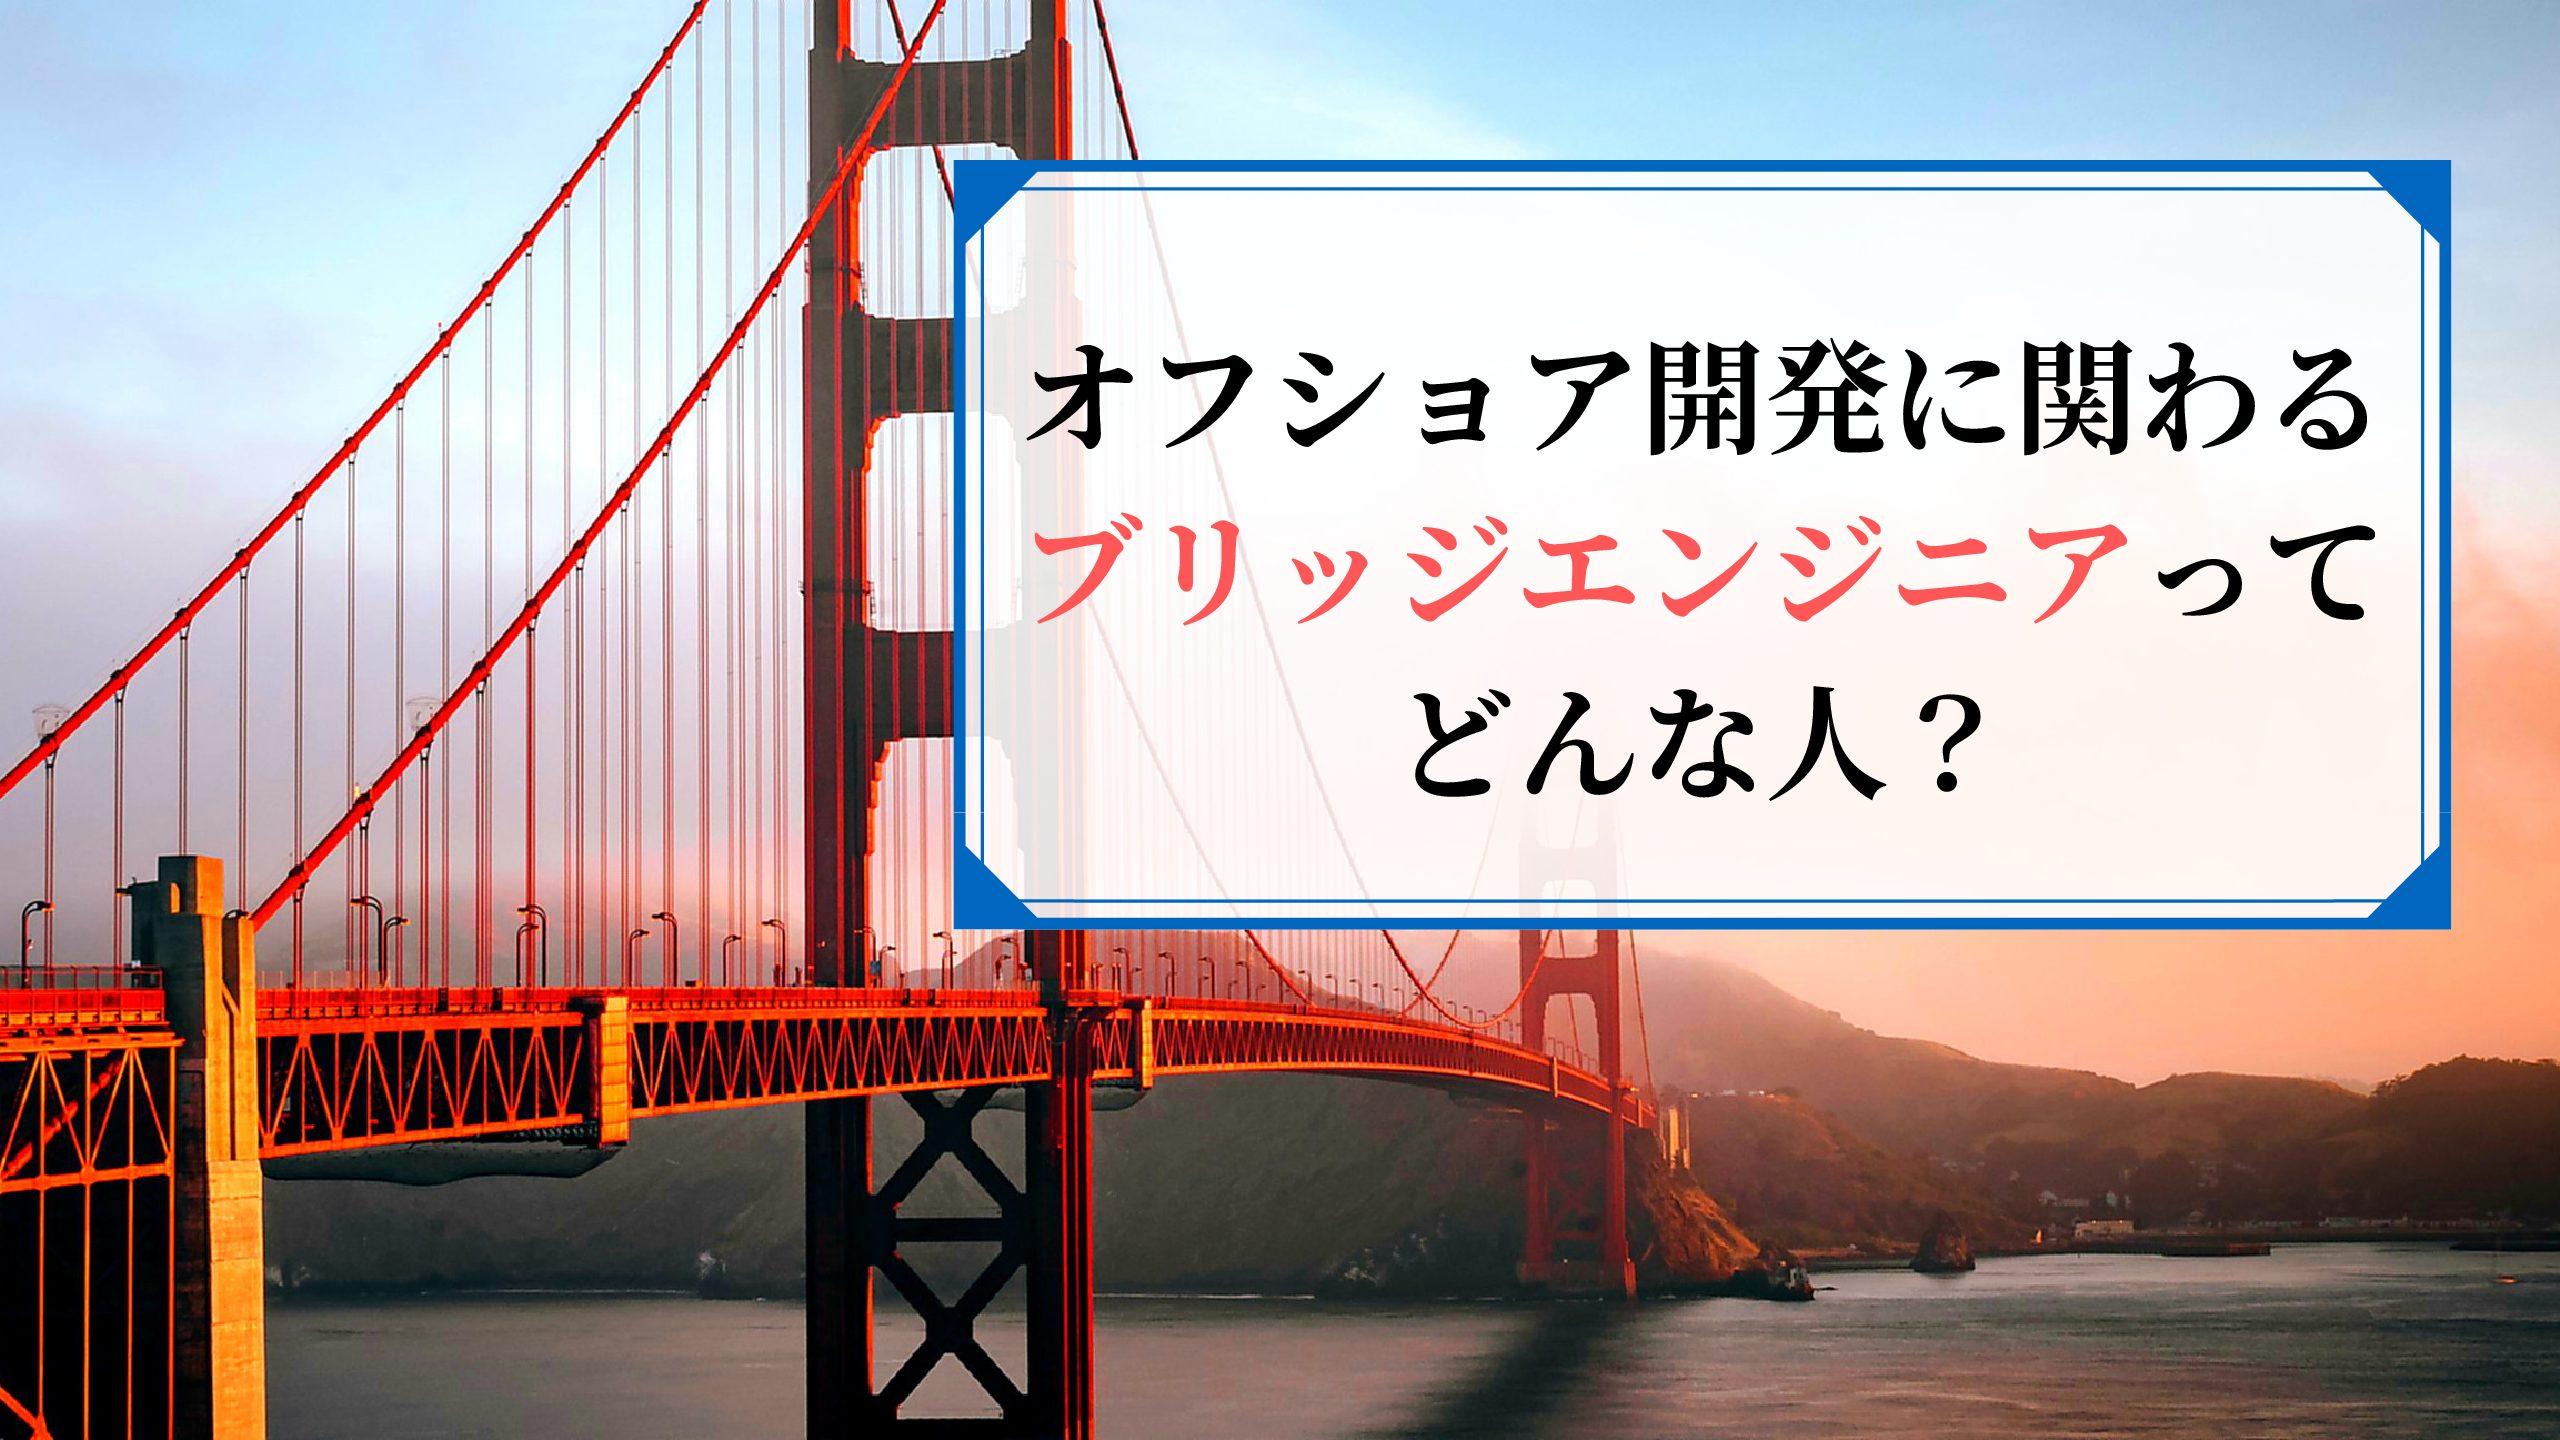 【ブリッジエンジニア入門編】ブリッジSEの役割や年収まで徹底解説!